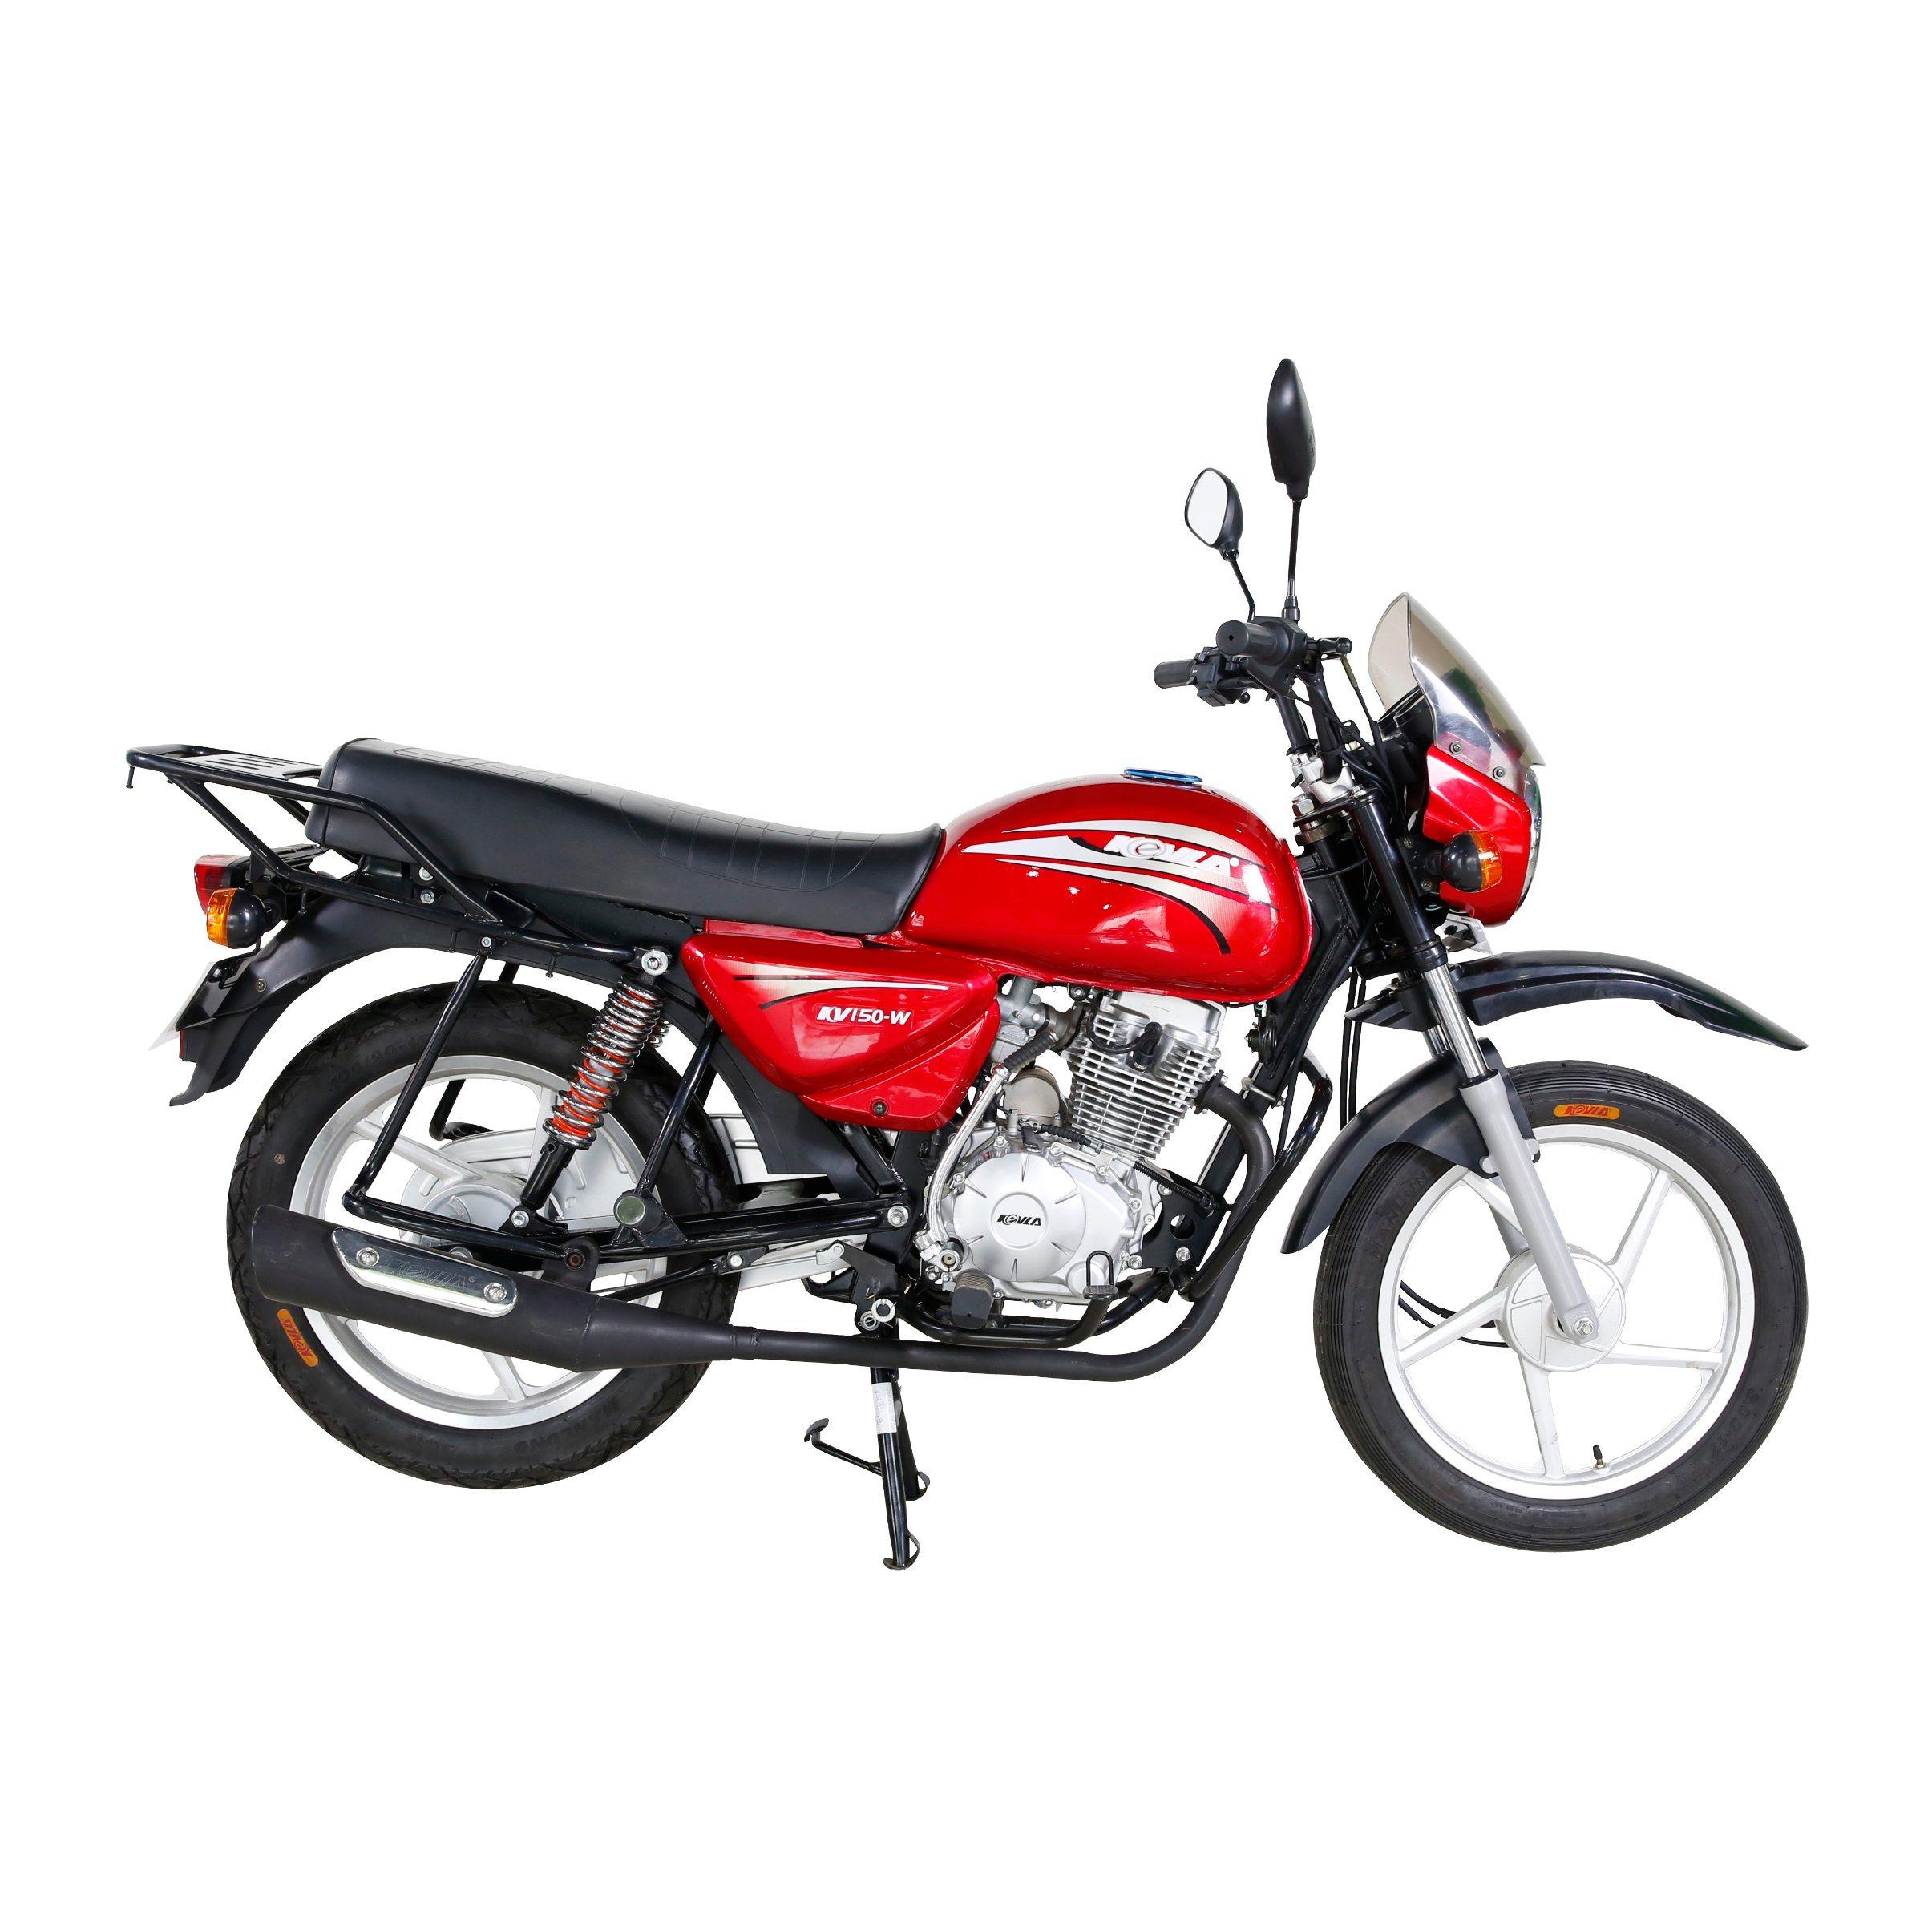 125cc Bajaj Cg Engine Boxer Motorcycle